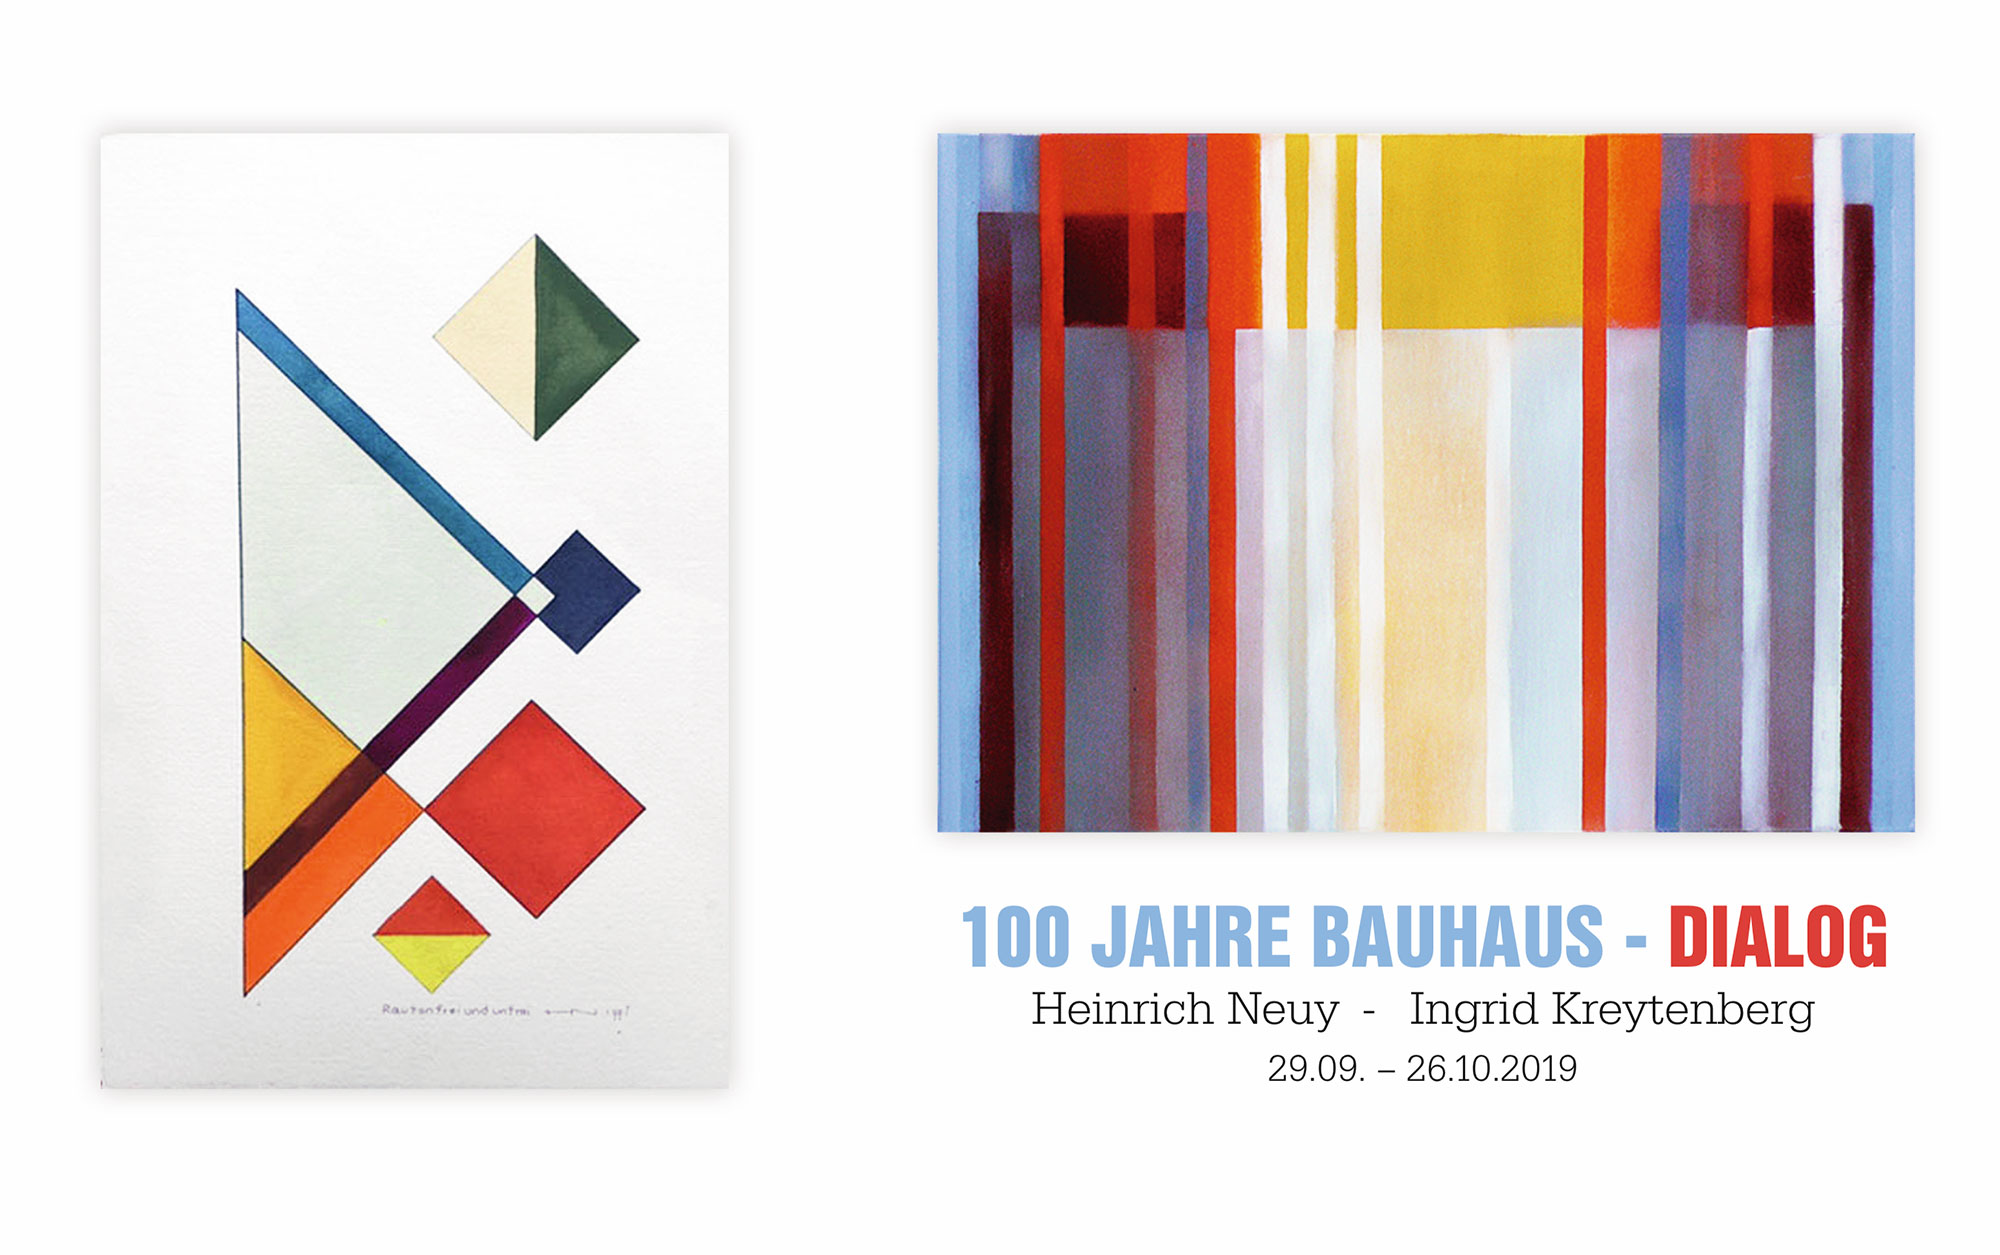 Aufmacher_100Jahre_Bauhaus_Dialog_Heinrich_Neuy_Ingrid_Kreytenberg